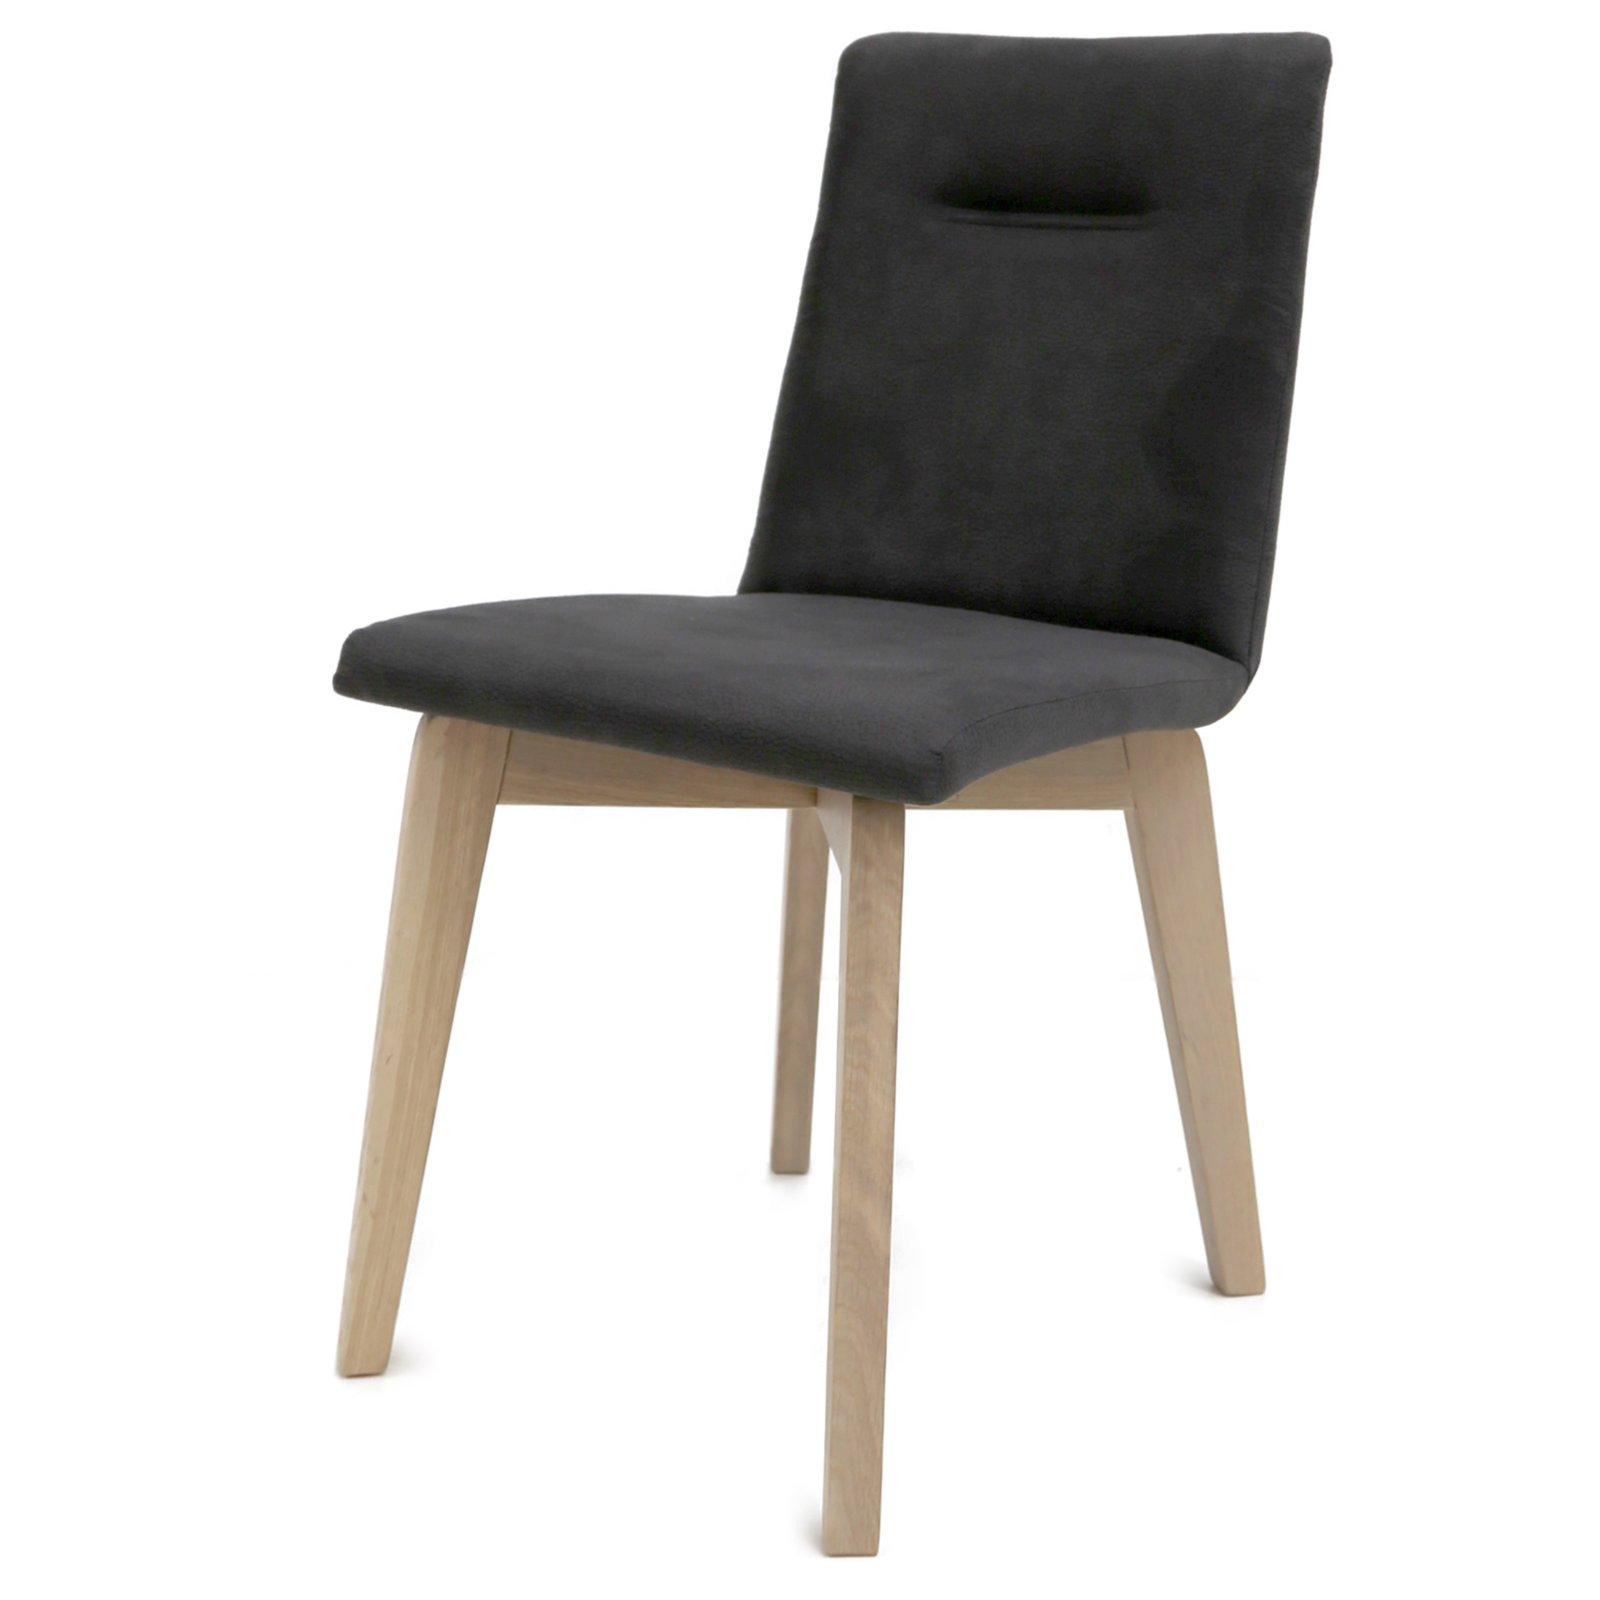 polsterstuhl rom anthrazit eiche bianco massiv polsterst hle st hle st hle hocker. Black Bedroom Furniture Sets. Home Design Ideas